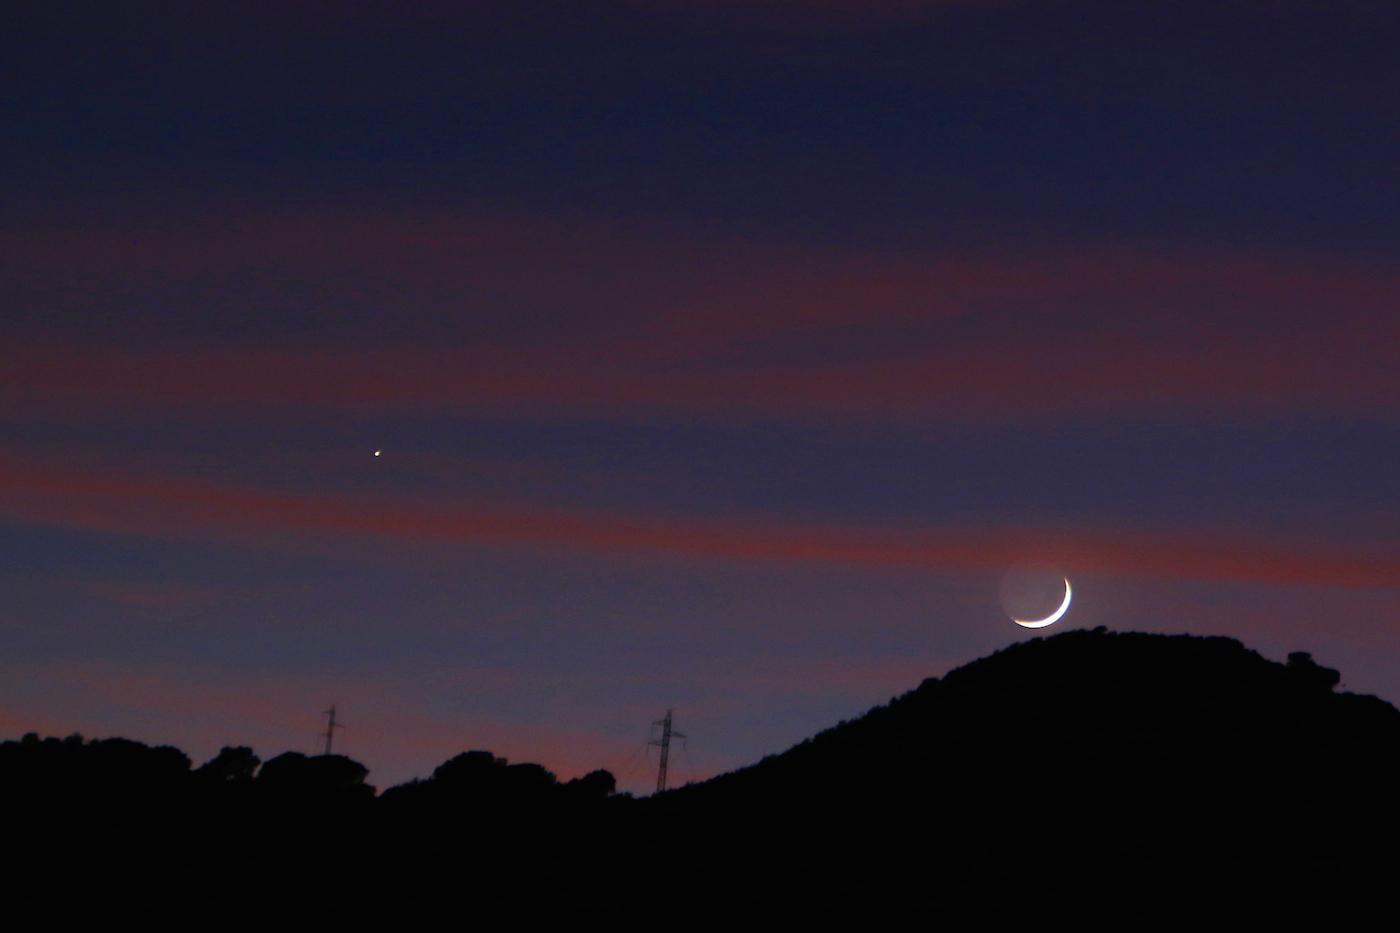 La luna y saturno desde arenys de munt barcelona el for Proxima luna creciente